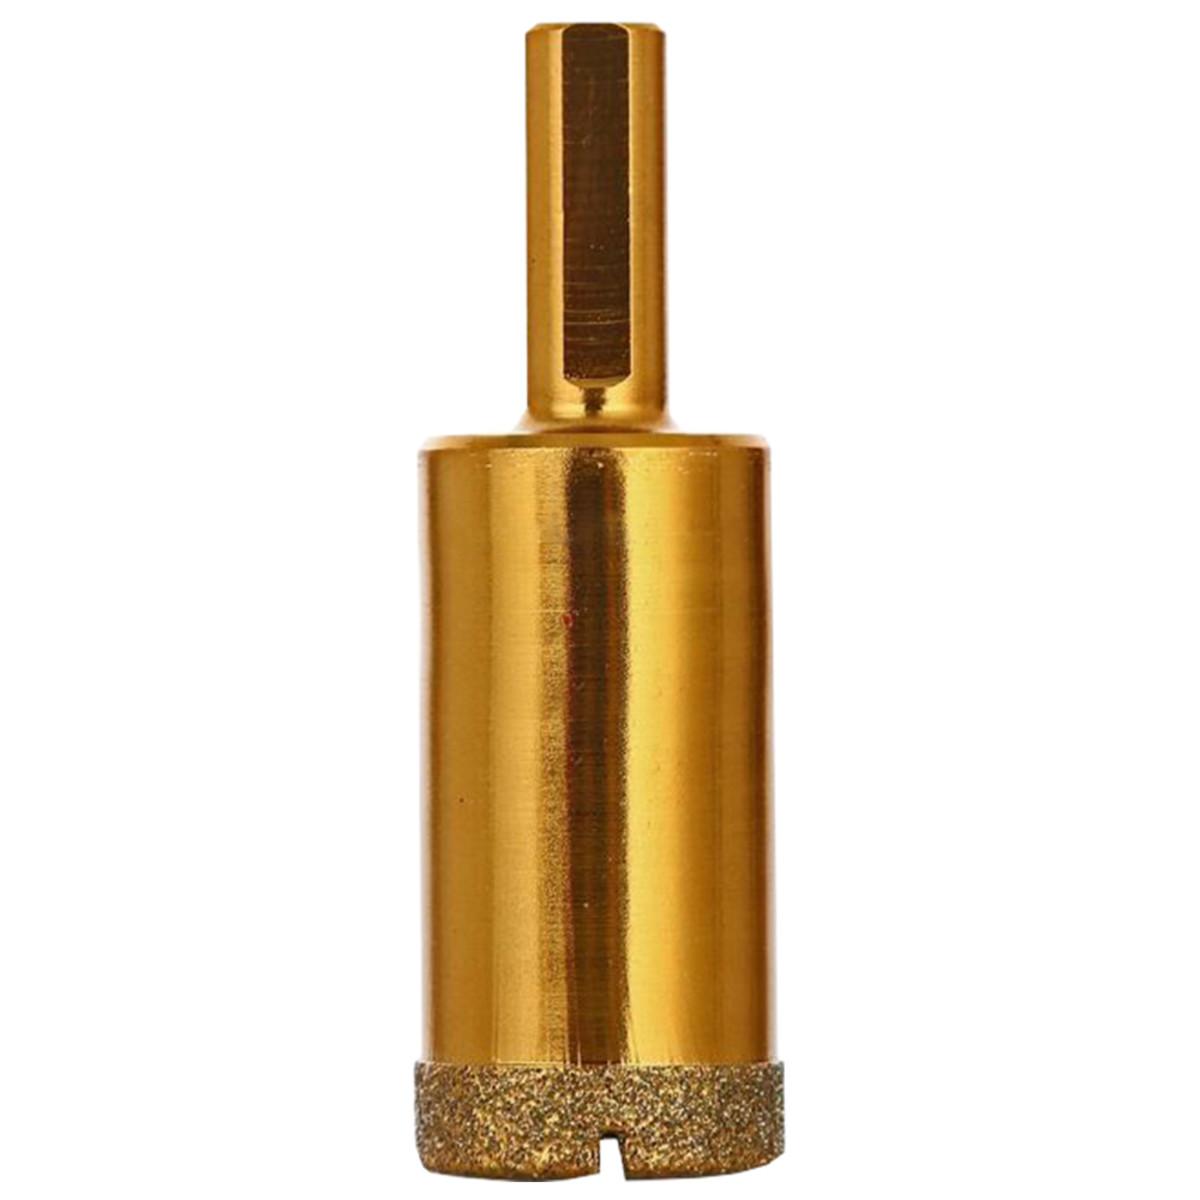 Коронка алмазная по керамограниту ПРАКТИКА Эксперт 25мм 035-073